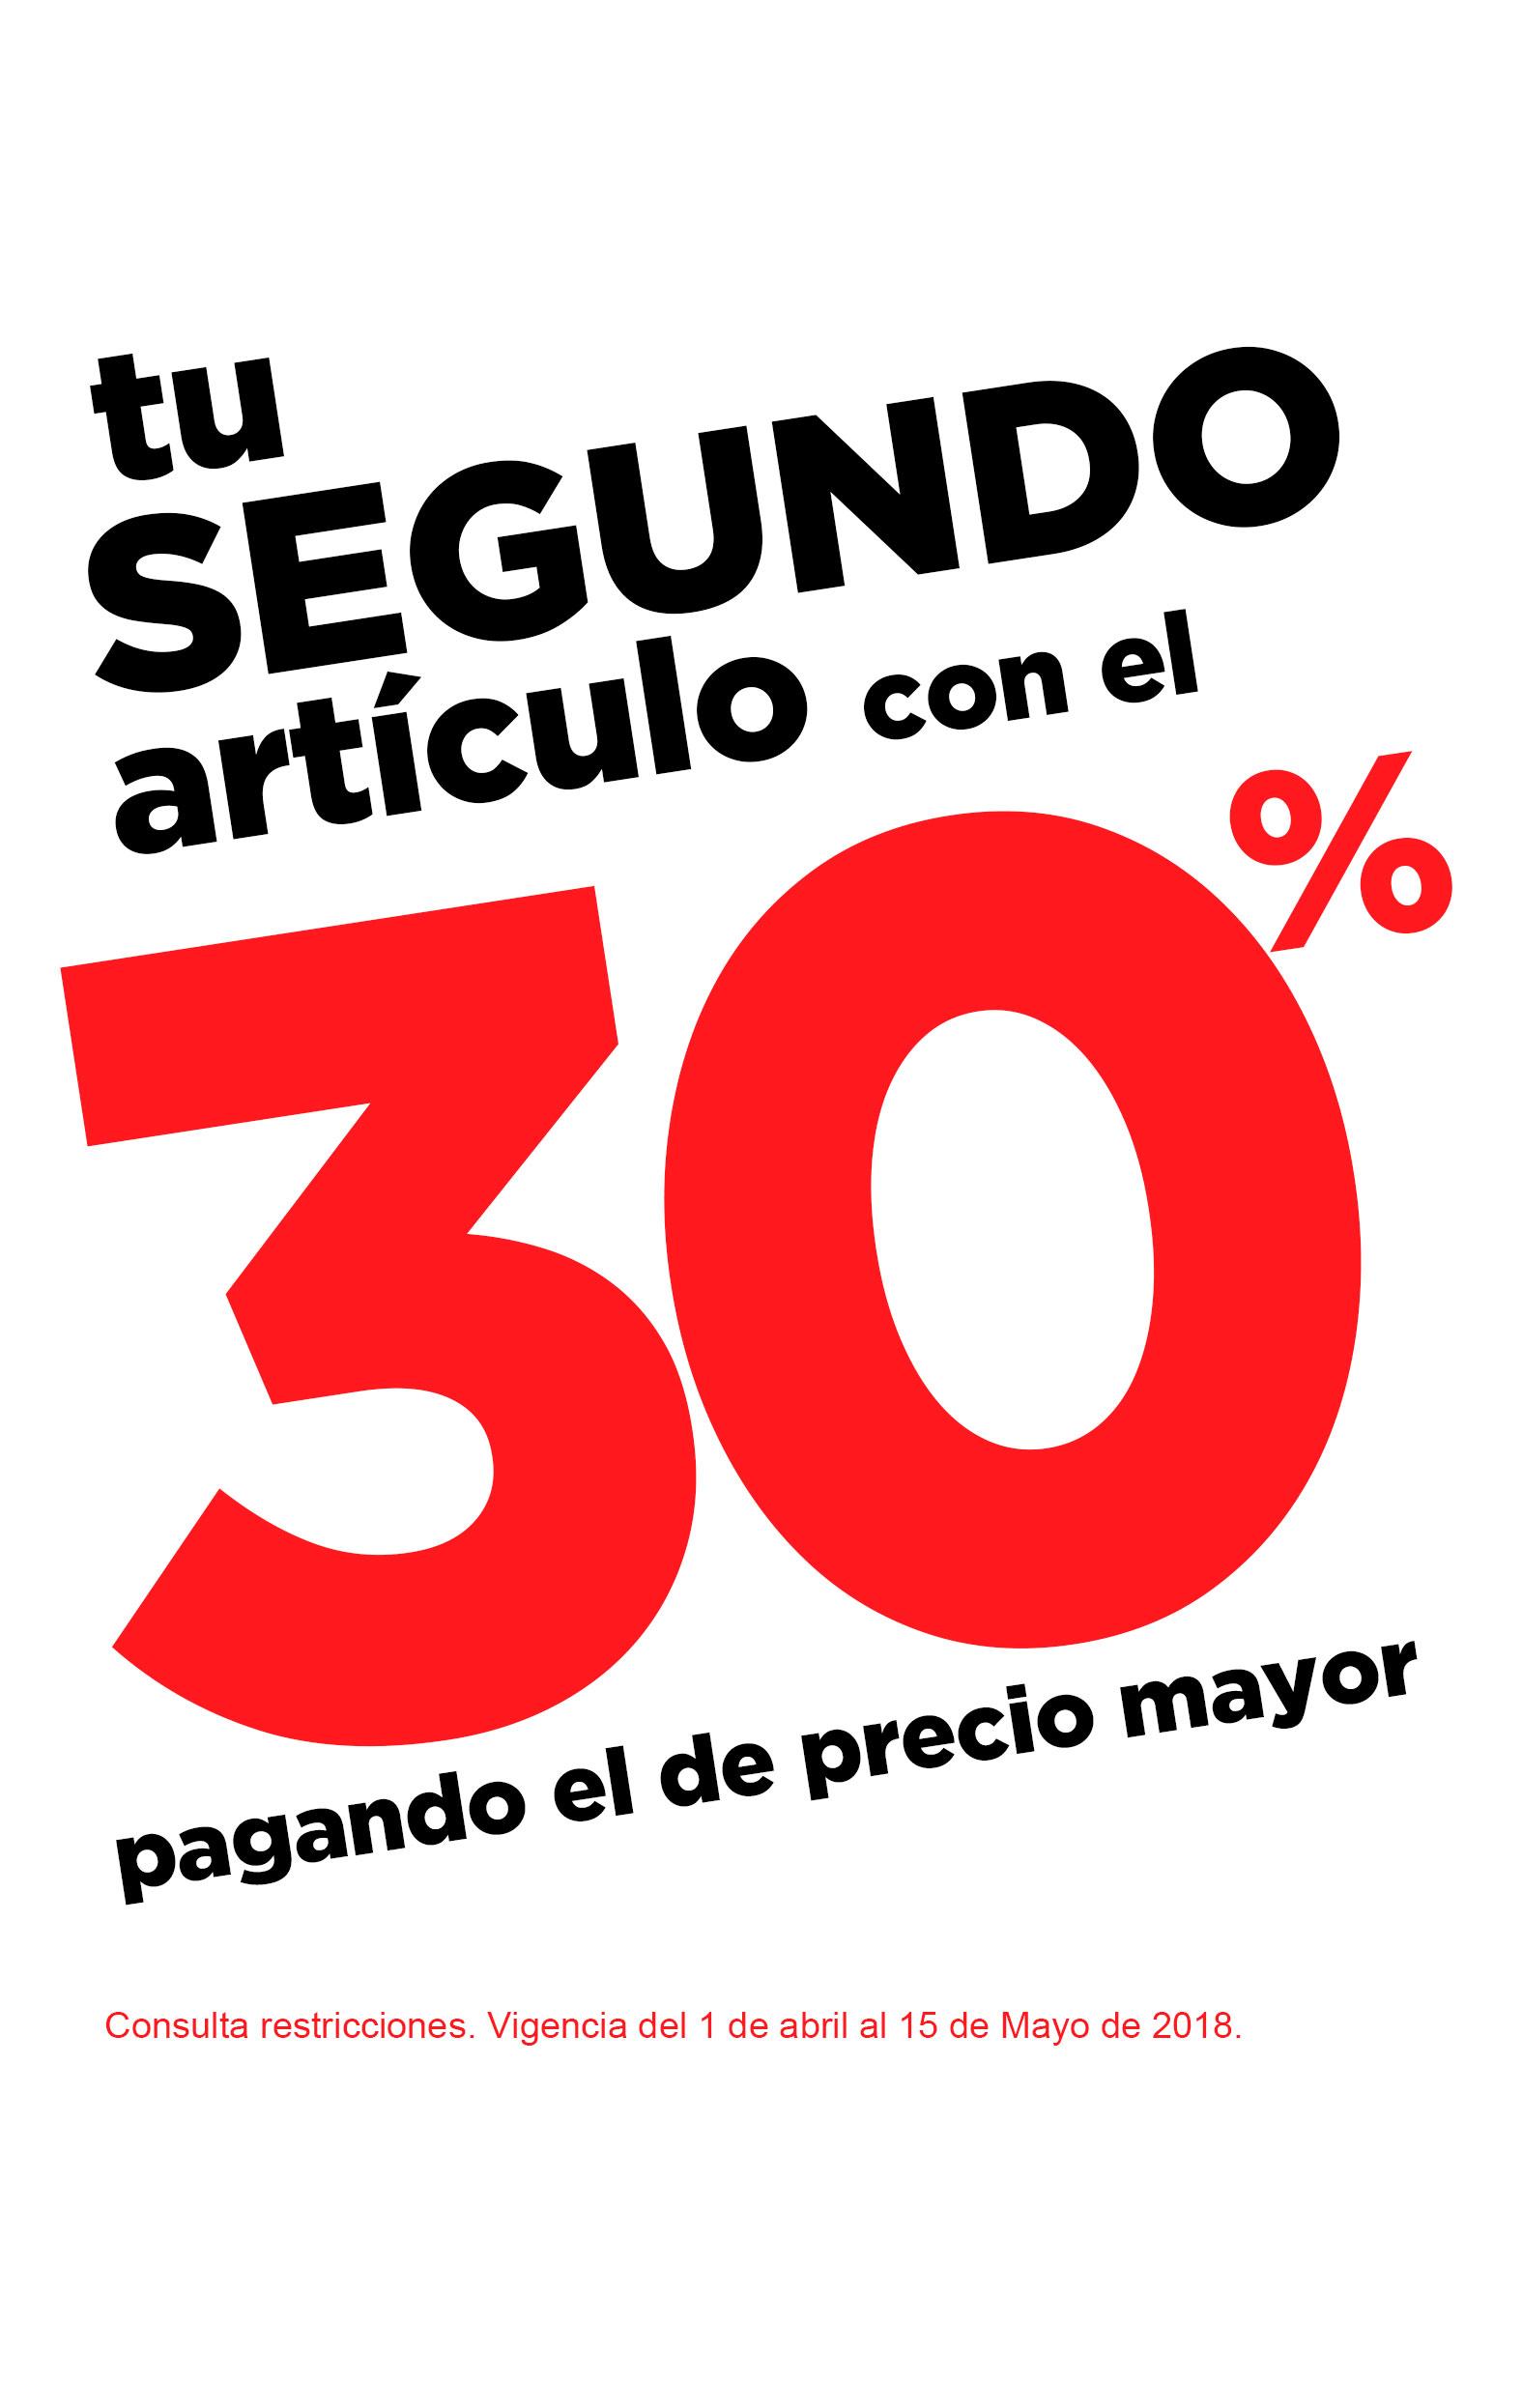 Segundo-Articulo-Promo